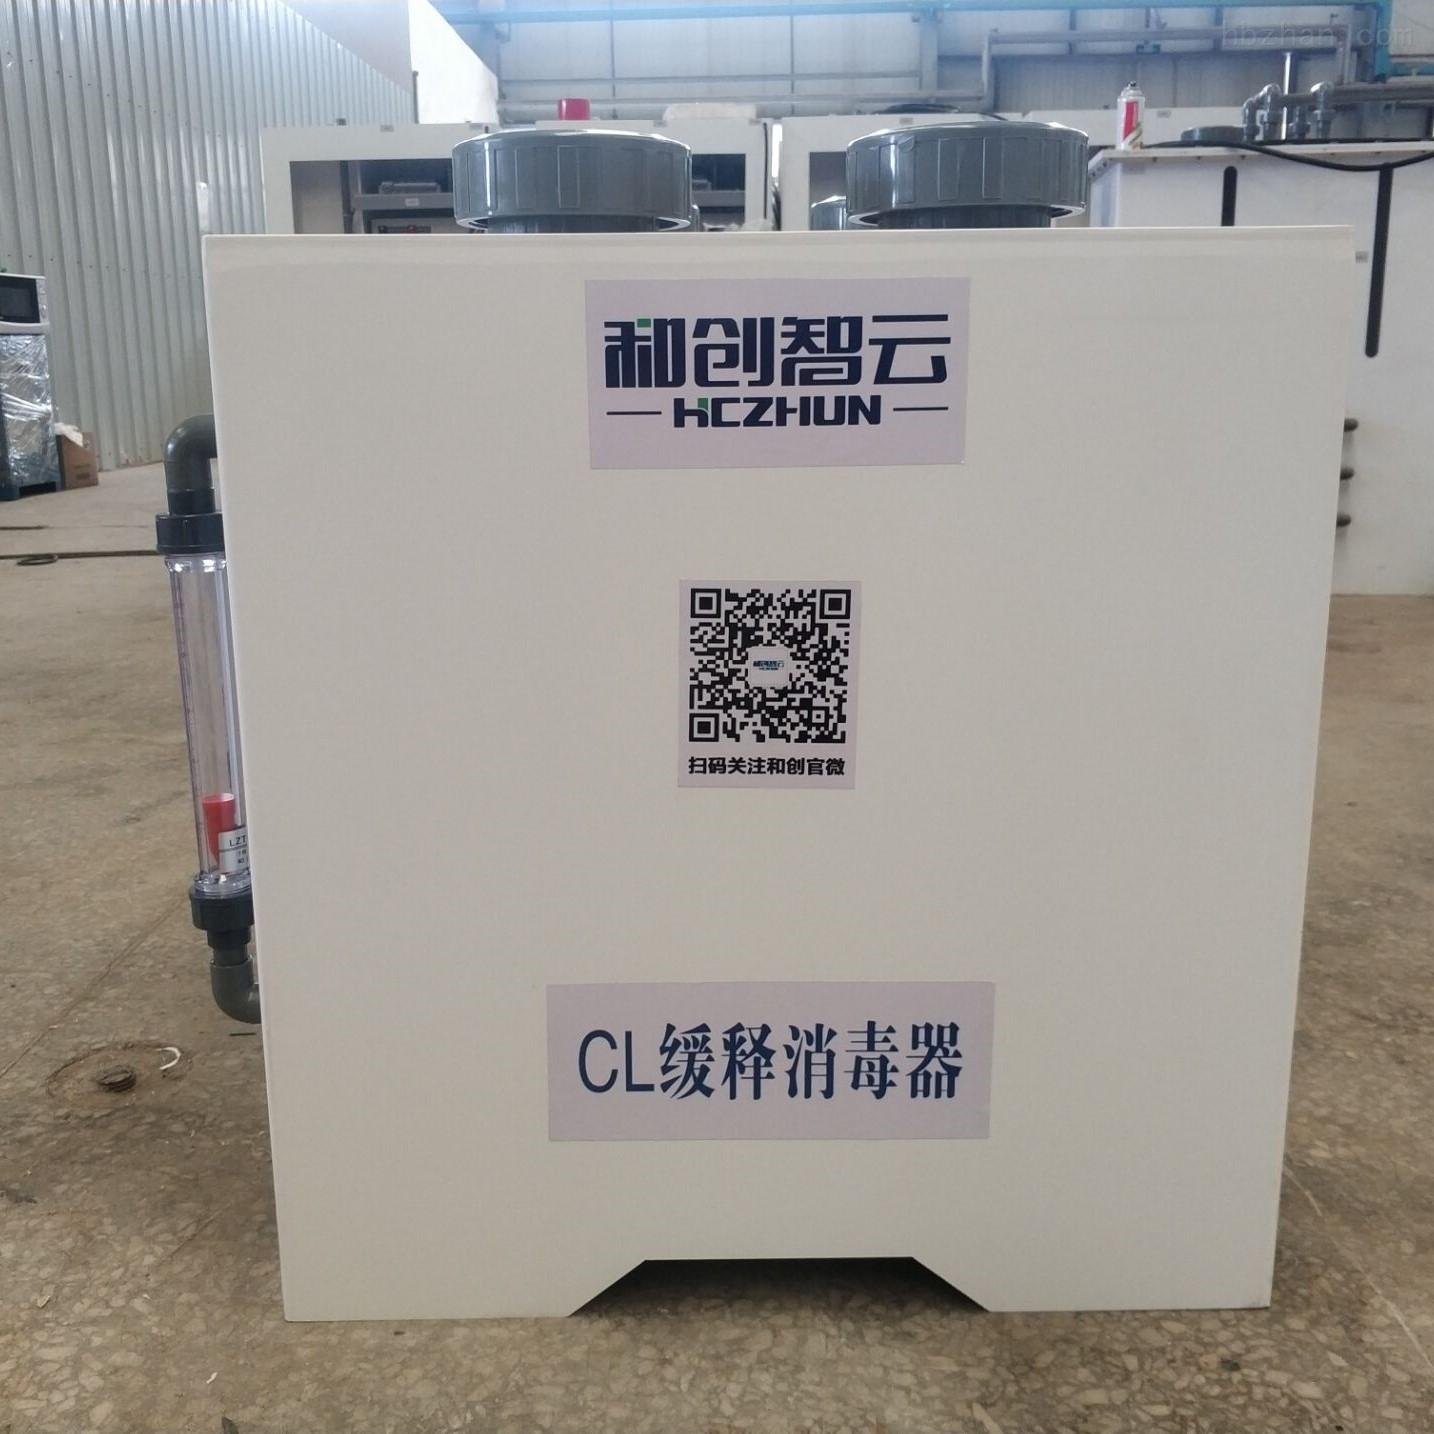 农村饮水缓释消毒器-贵州饮水消毒设备厂家